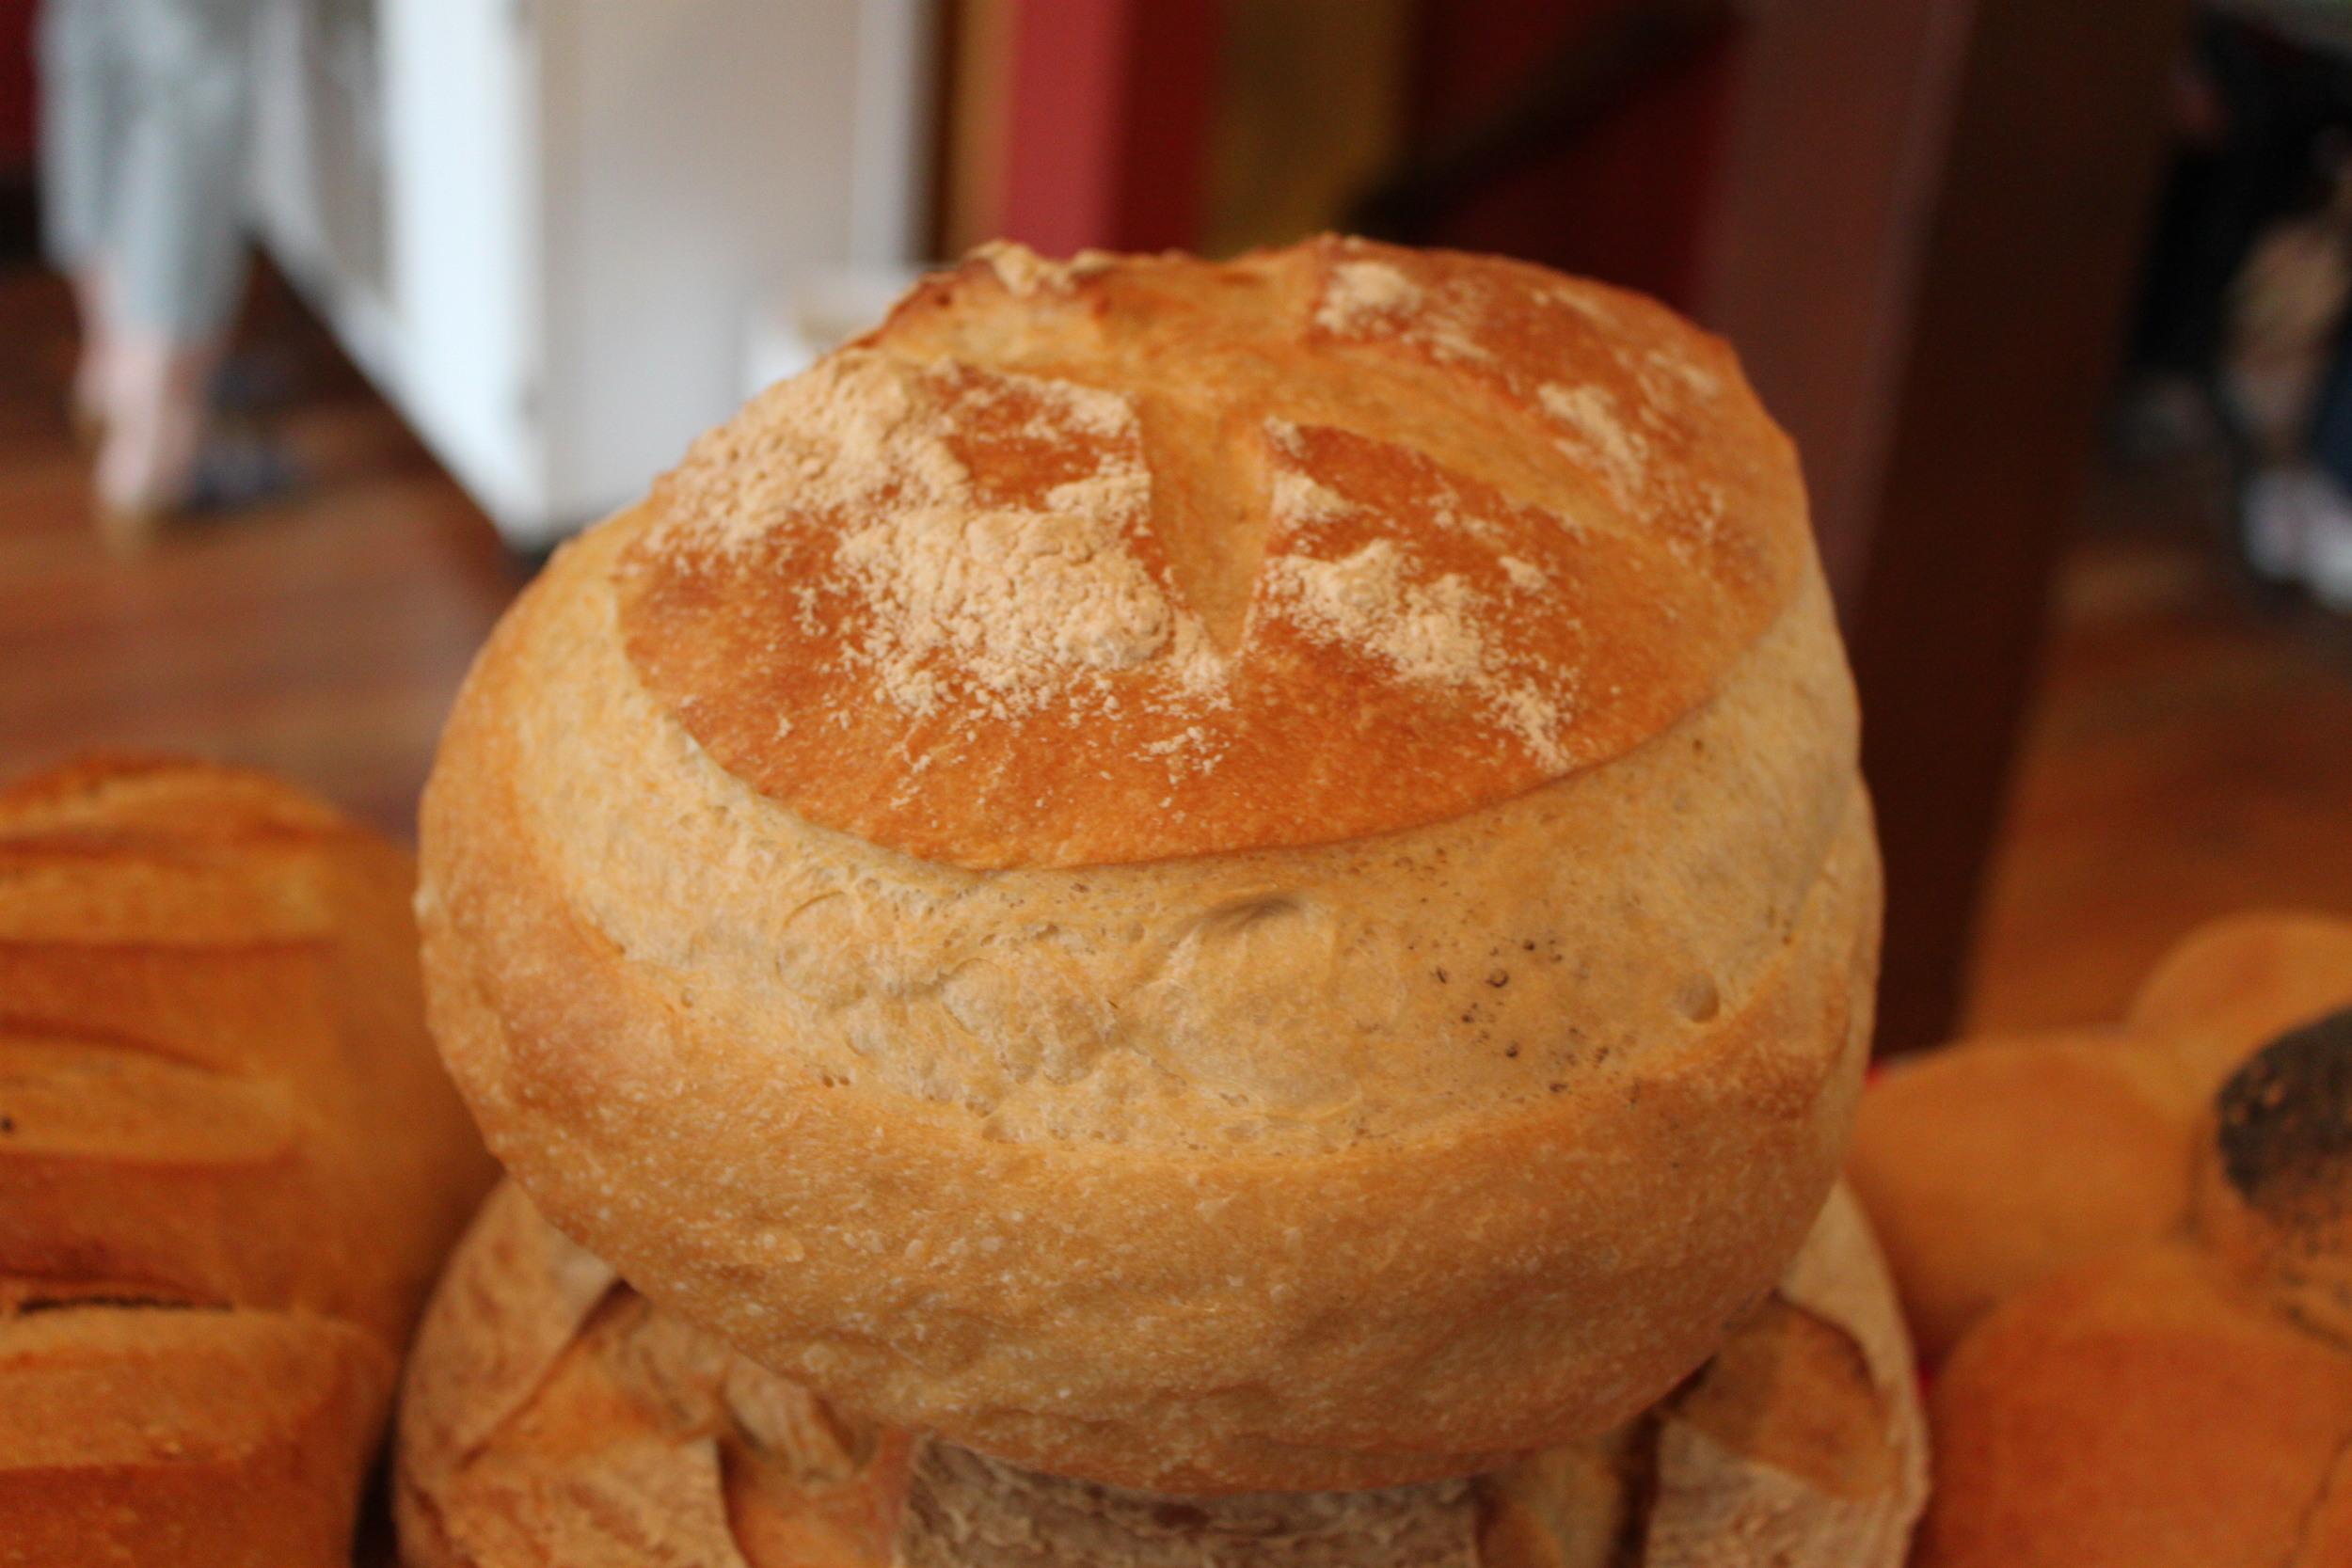 Cottage Round: Unbleached white flour, water, fresh yeast, sea salt.